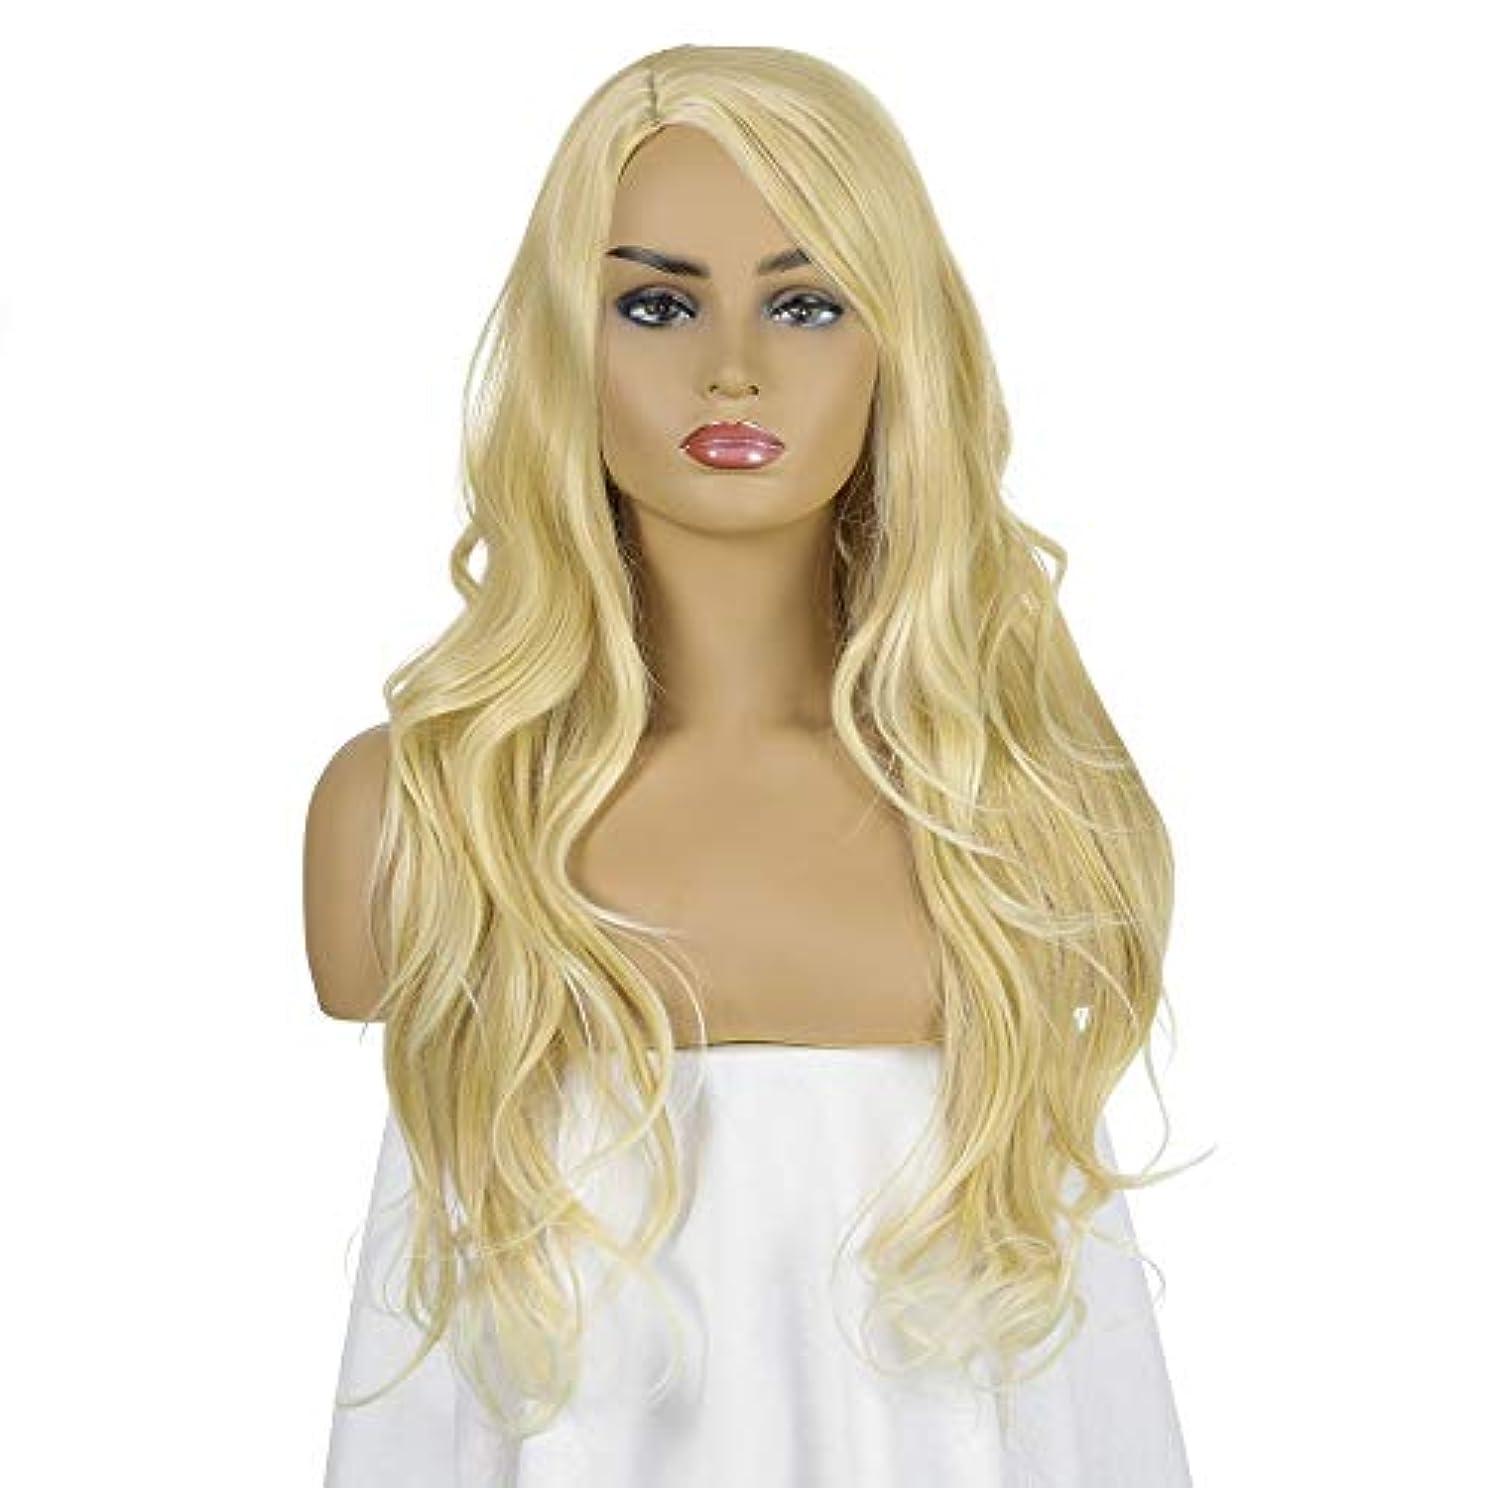 没頭するのぞき見腹部女性用ブロンドロングカーリーウェーブウィッグ26インチ人工毛交換ウィッグハロウィンコスプレ衣装アニメパーティーファッションウィッグ